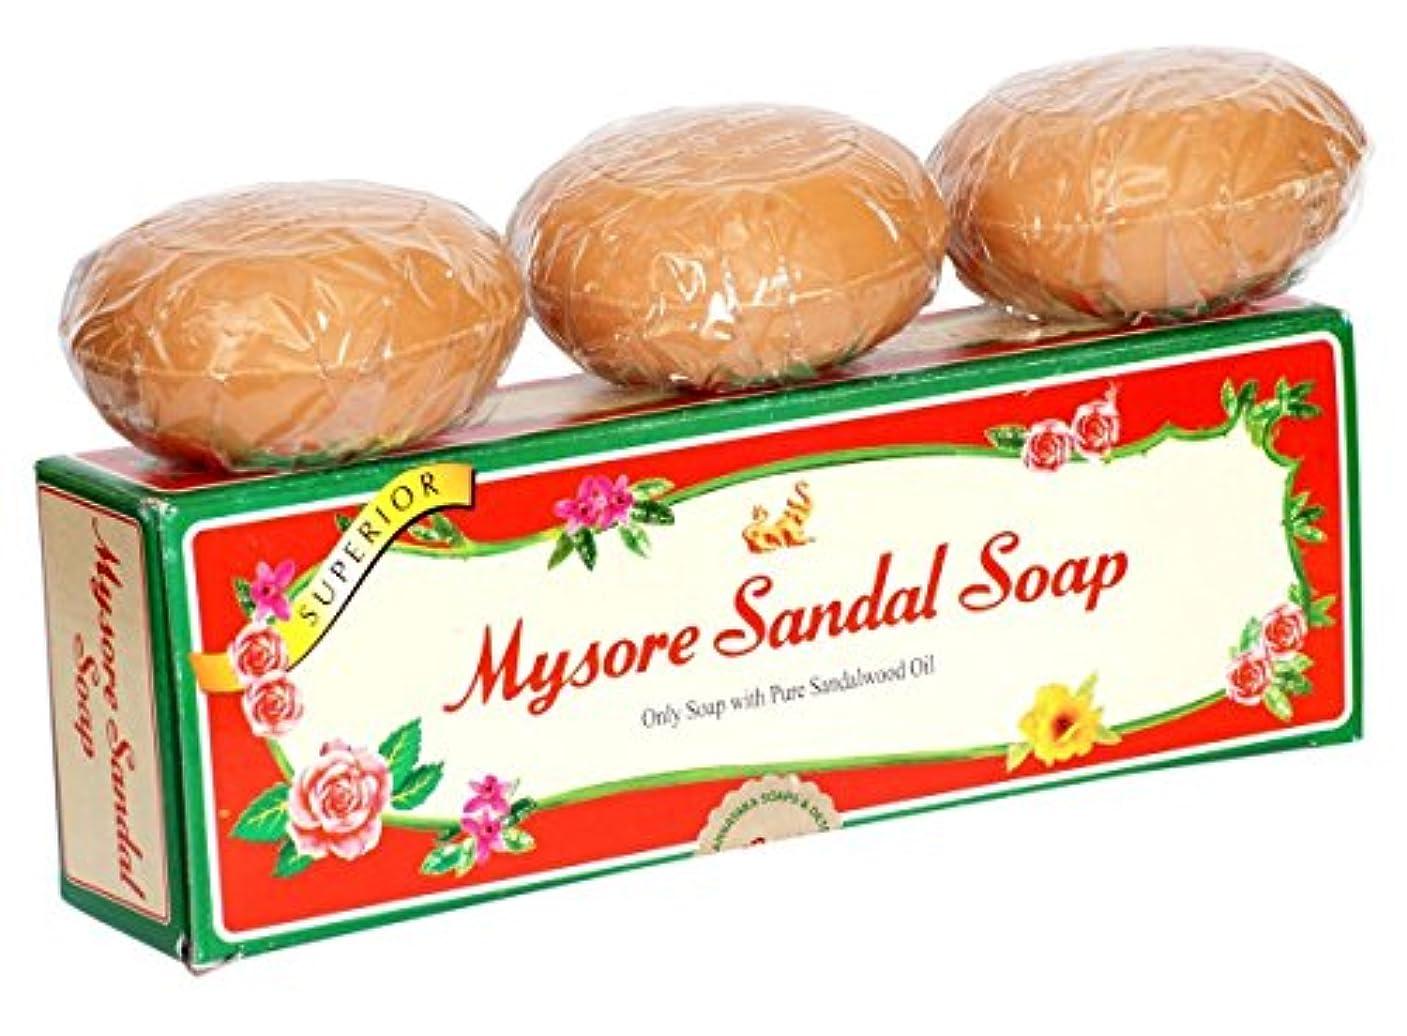 体組み合わせるピストンMysore Pure Natural Sandalwood Oil Ayurvedic Soap - 3 x 150g bars in 1 gift pack